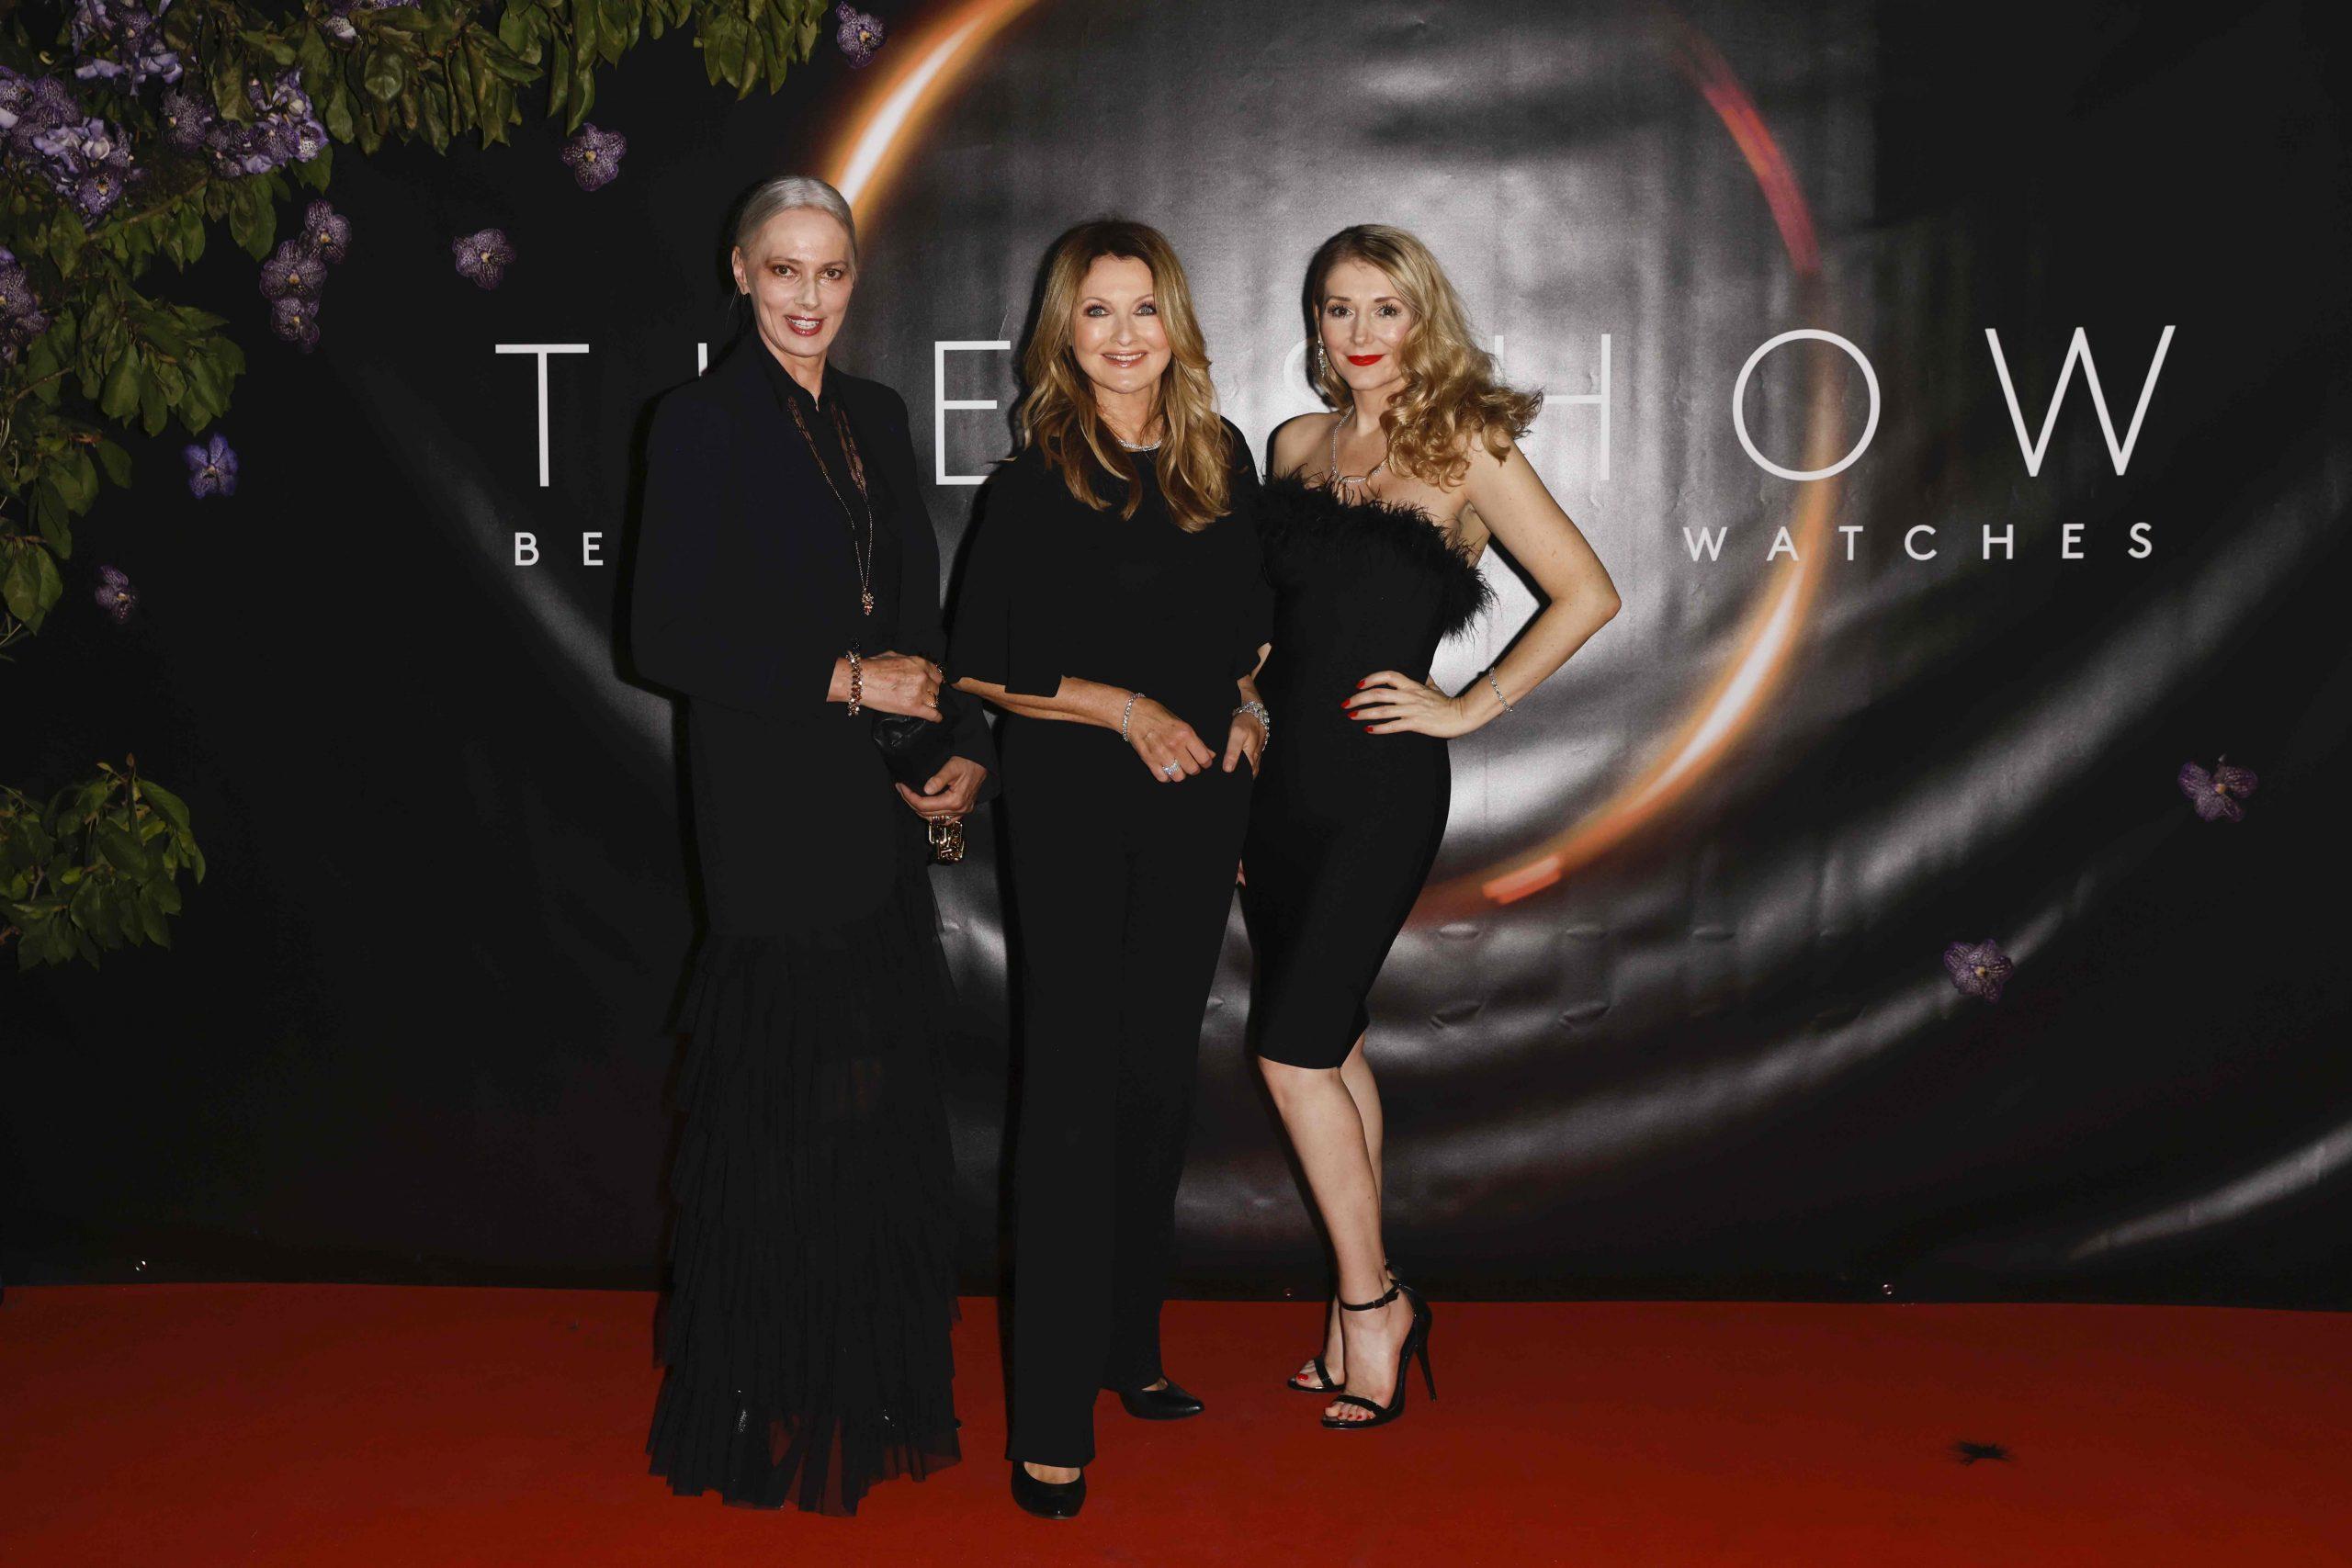 Petra van Bremen, Frauke Ludowig und Sandra Quadflieg bei The Show